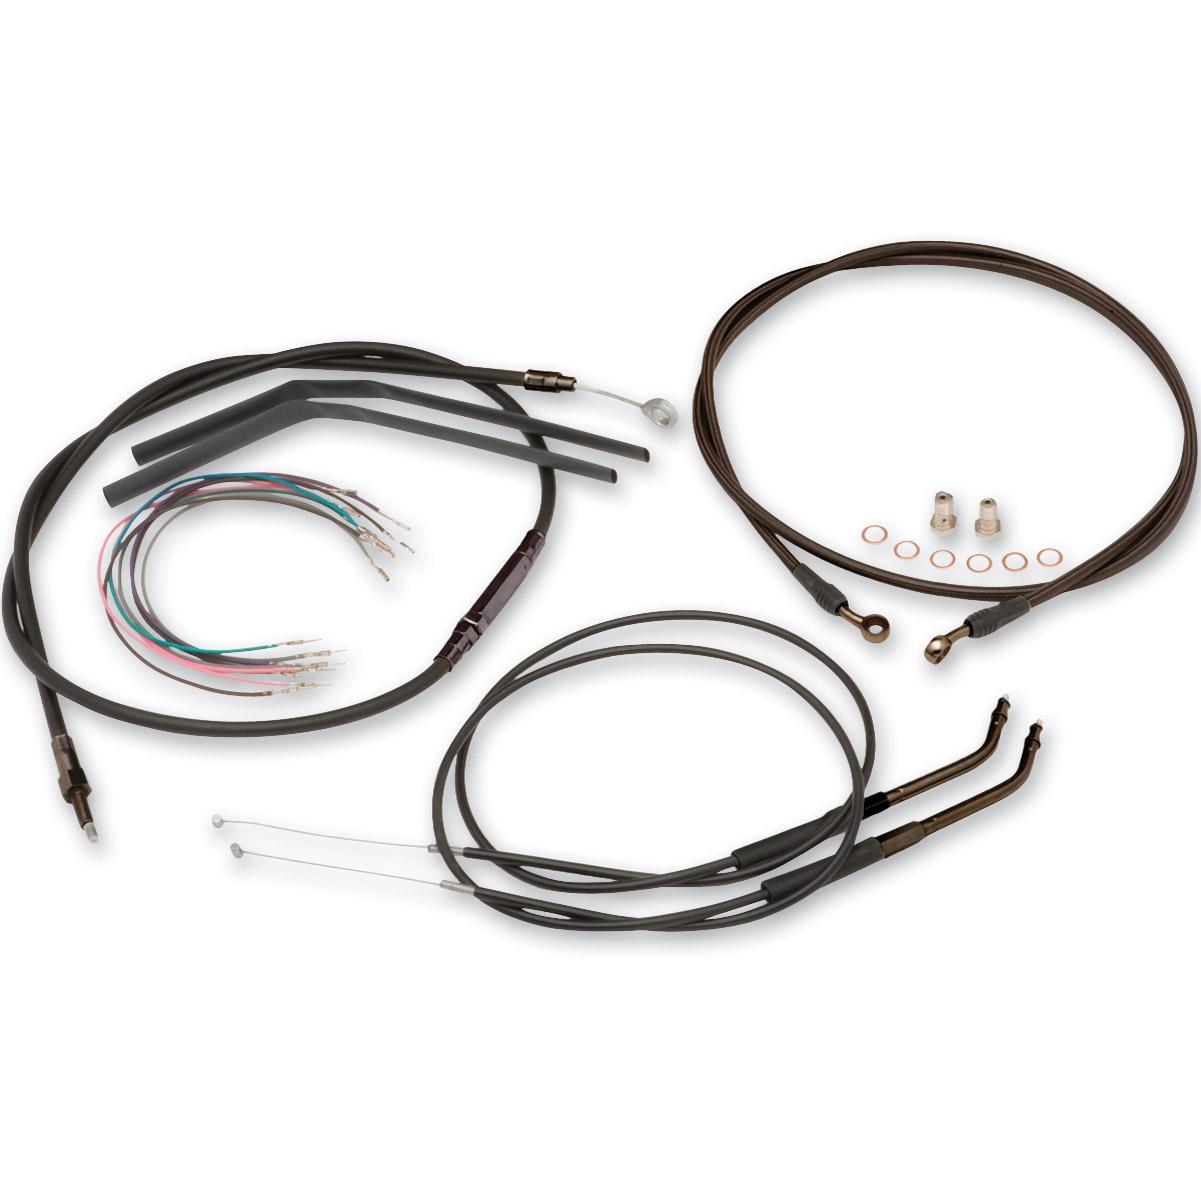 Burly Brand Black 12 Ape Hanger Cable Brake Kit